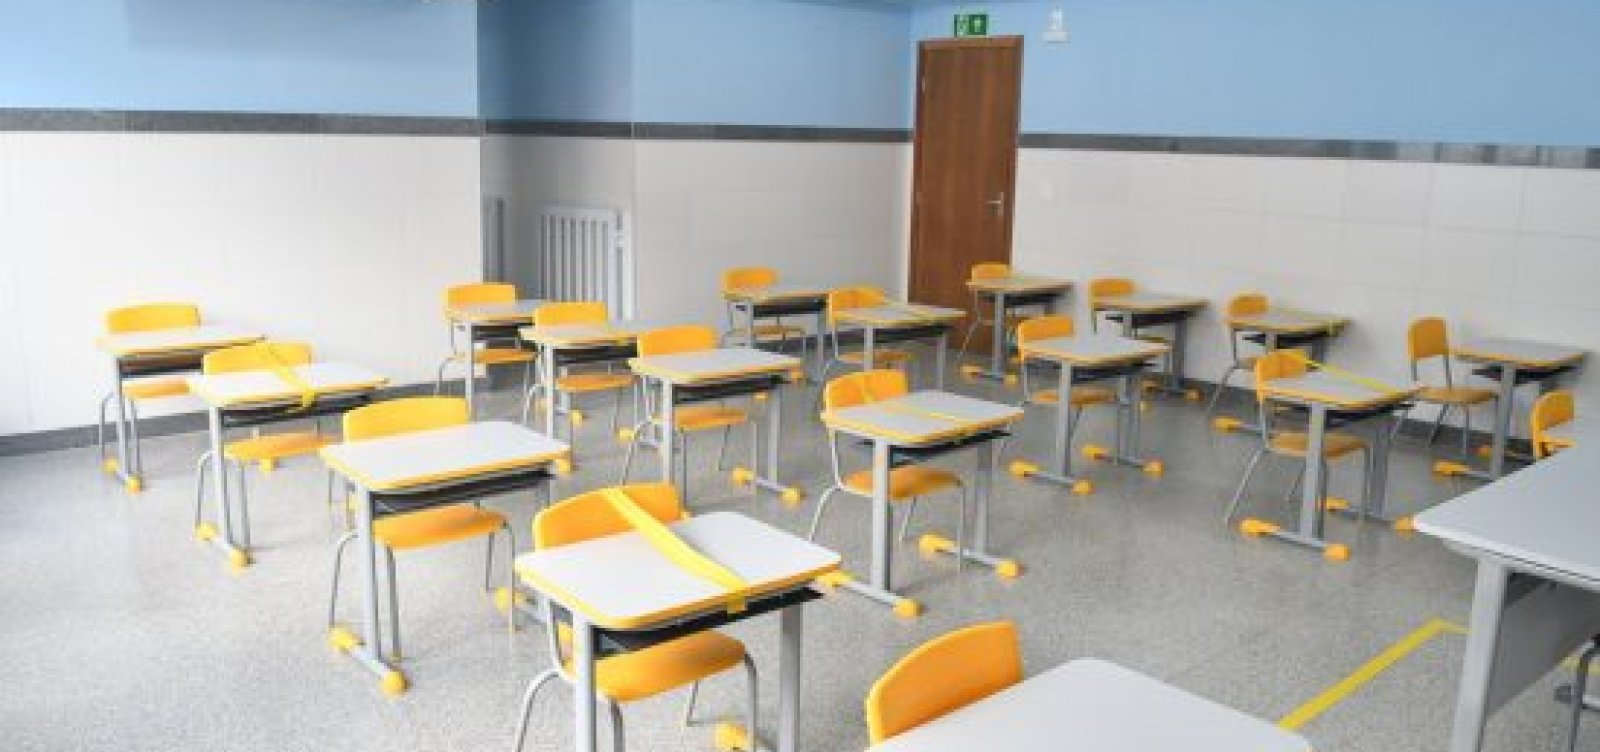 Coordenador do sindicato dos professores diz estar aberto ao diálogo sobre volta às aulas com o prefeito